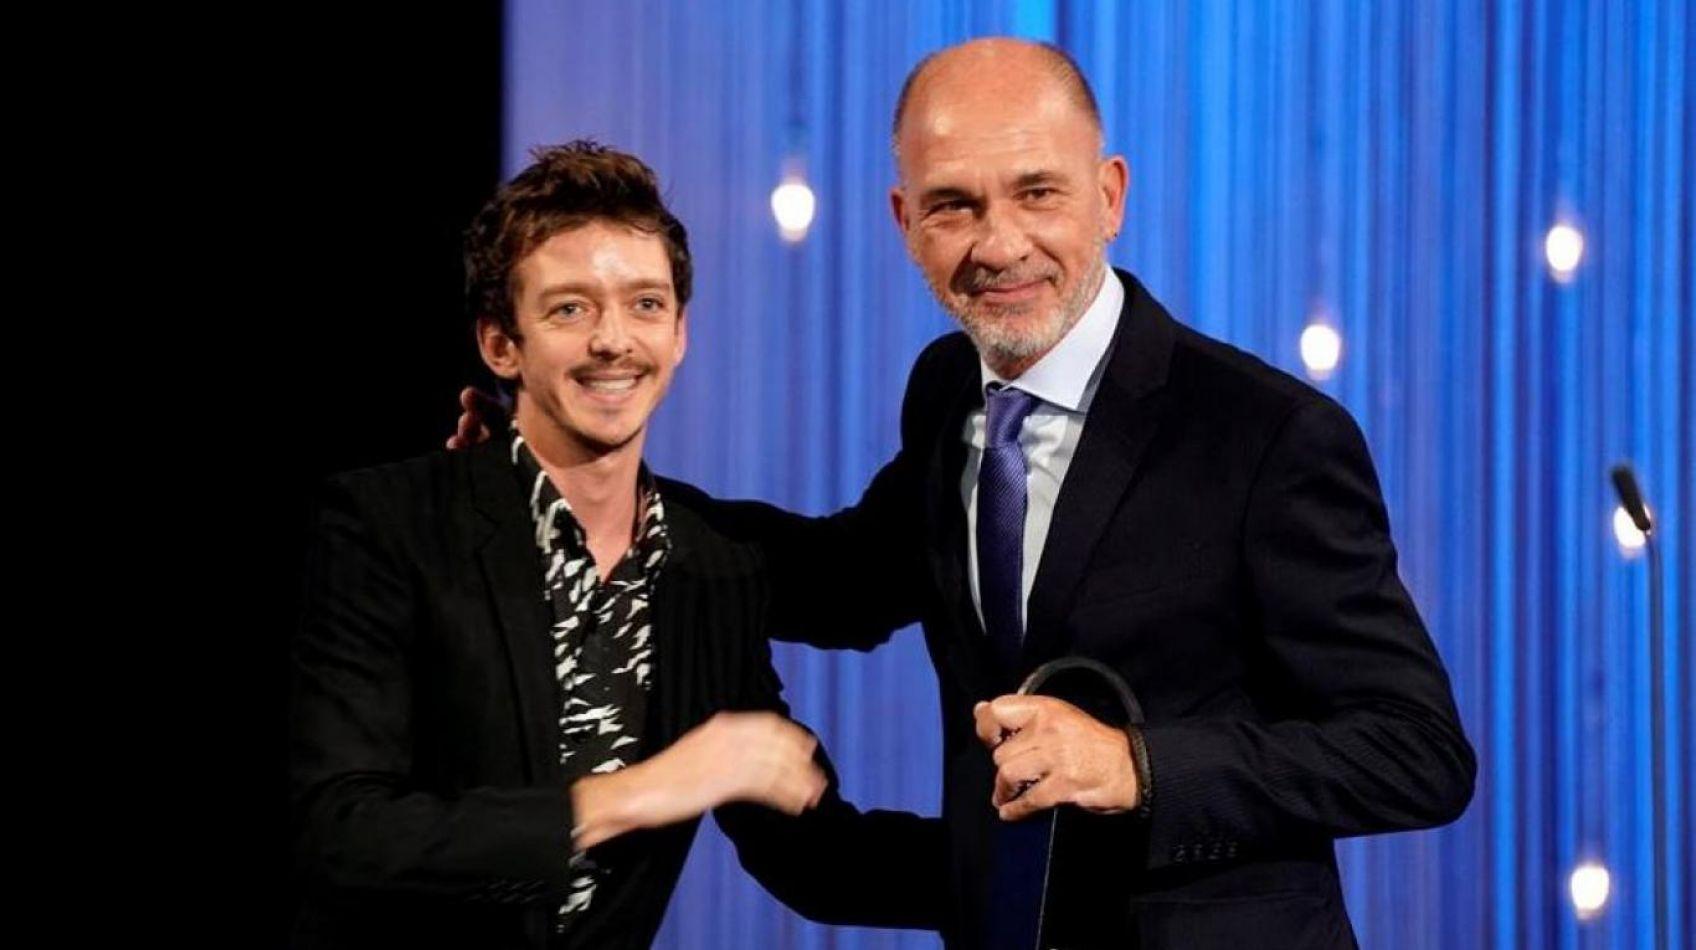 Los argentinos Darío Grandinetti y Benjamín Naishtat ganaron hoy premios Conchas de Plata al mejor actor y director